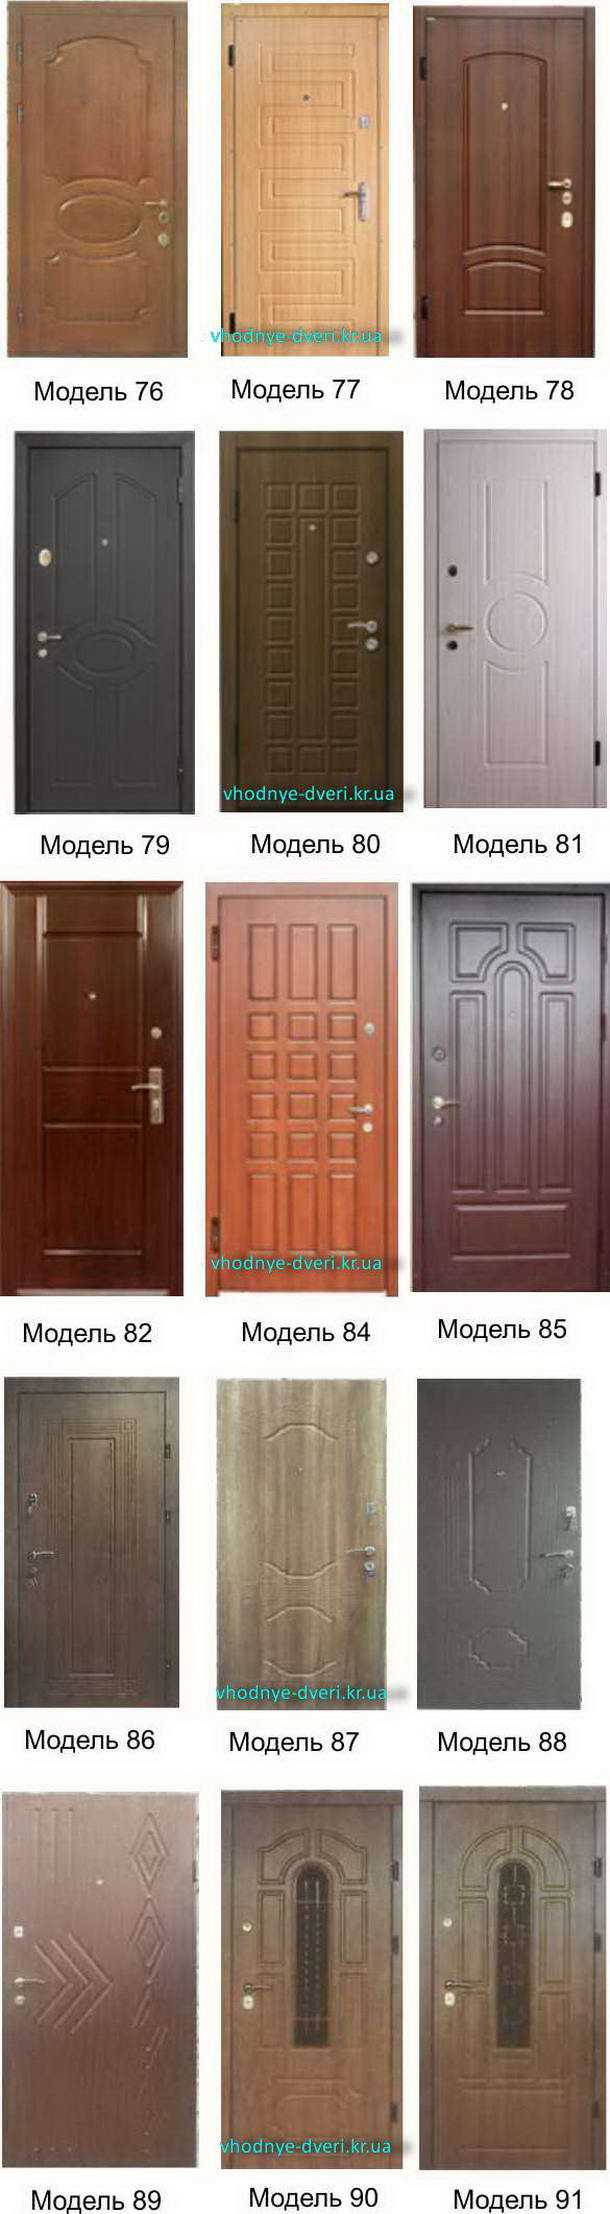 Фото декоративных накладок на входные двери ДверьПром Украина модели 76-91